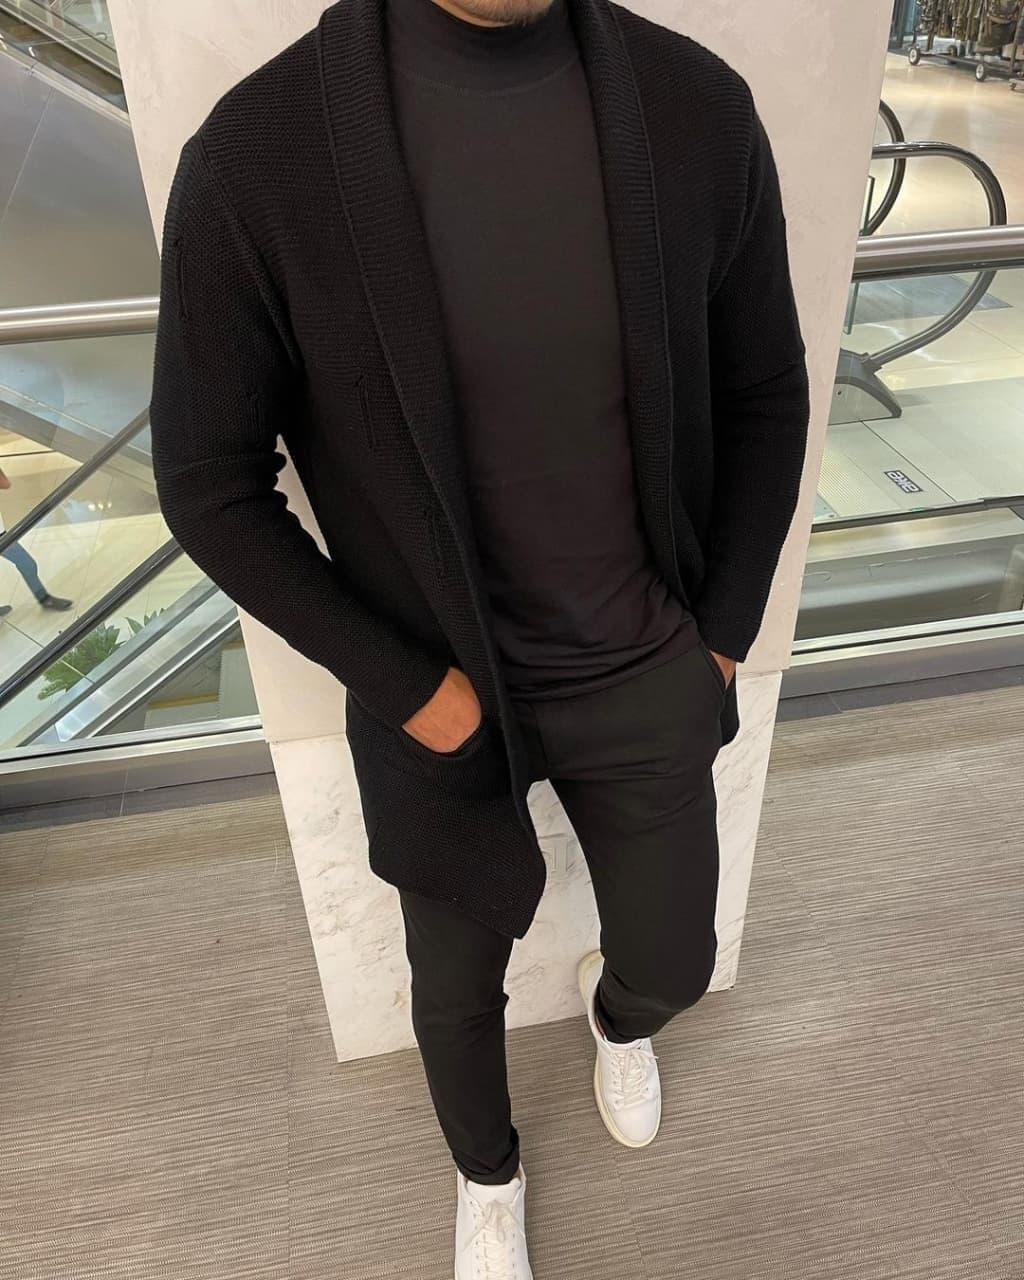 Чоловічий кардиган класичний (чорний) k6380black молодіжна крута чоловічий одяг